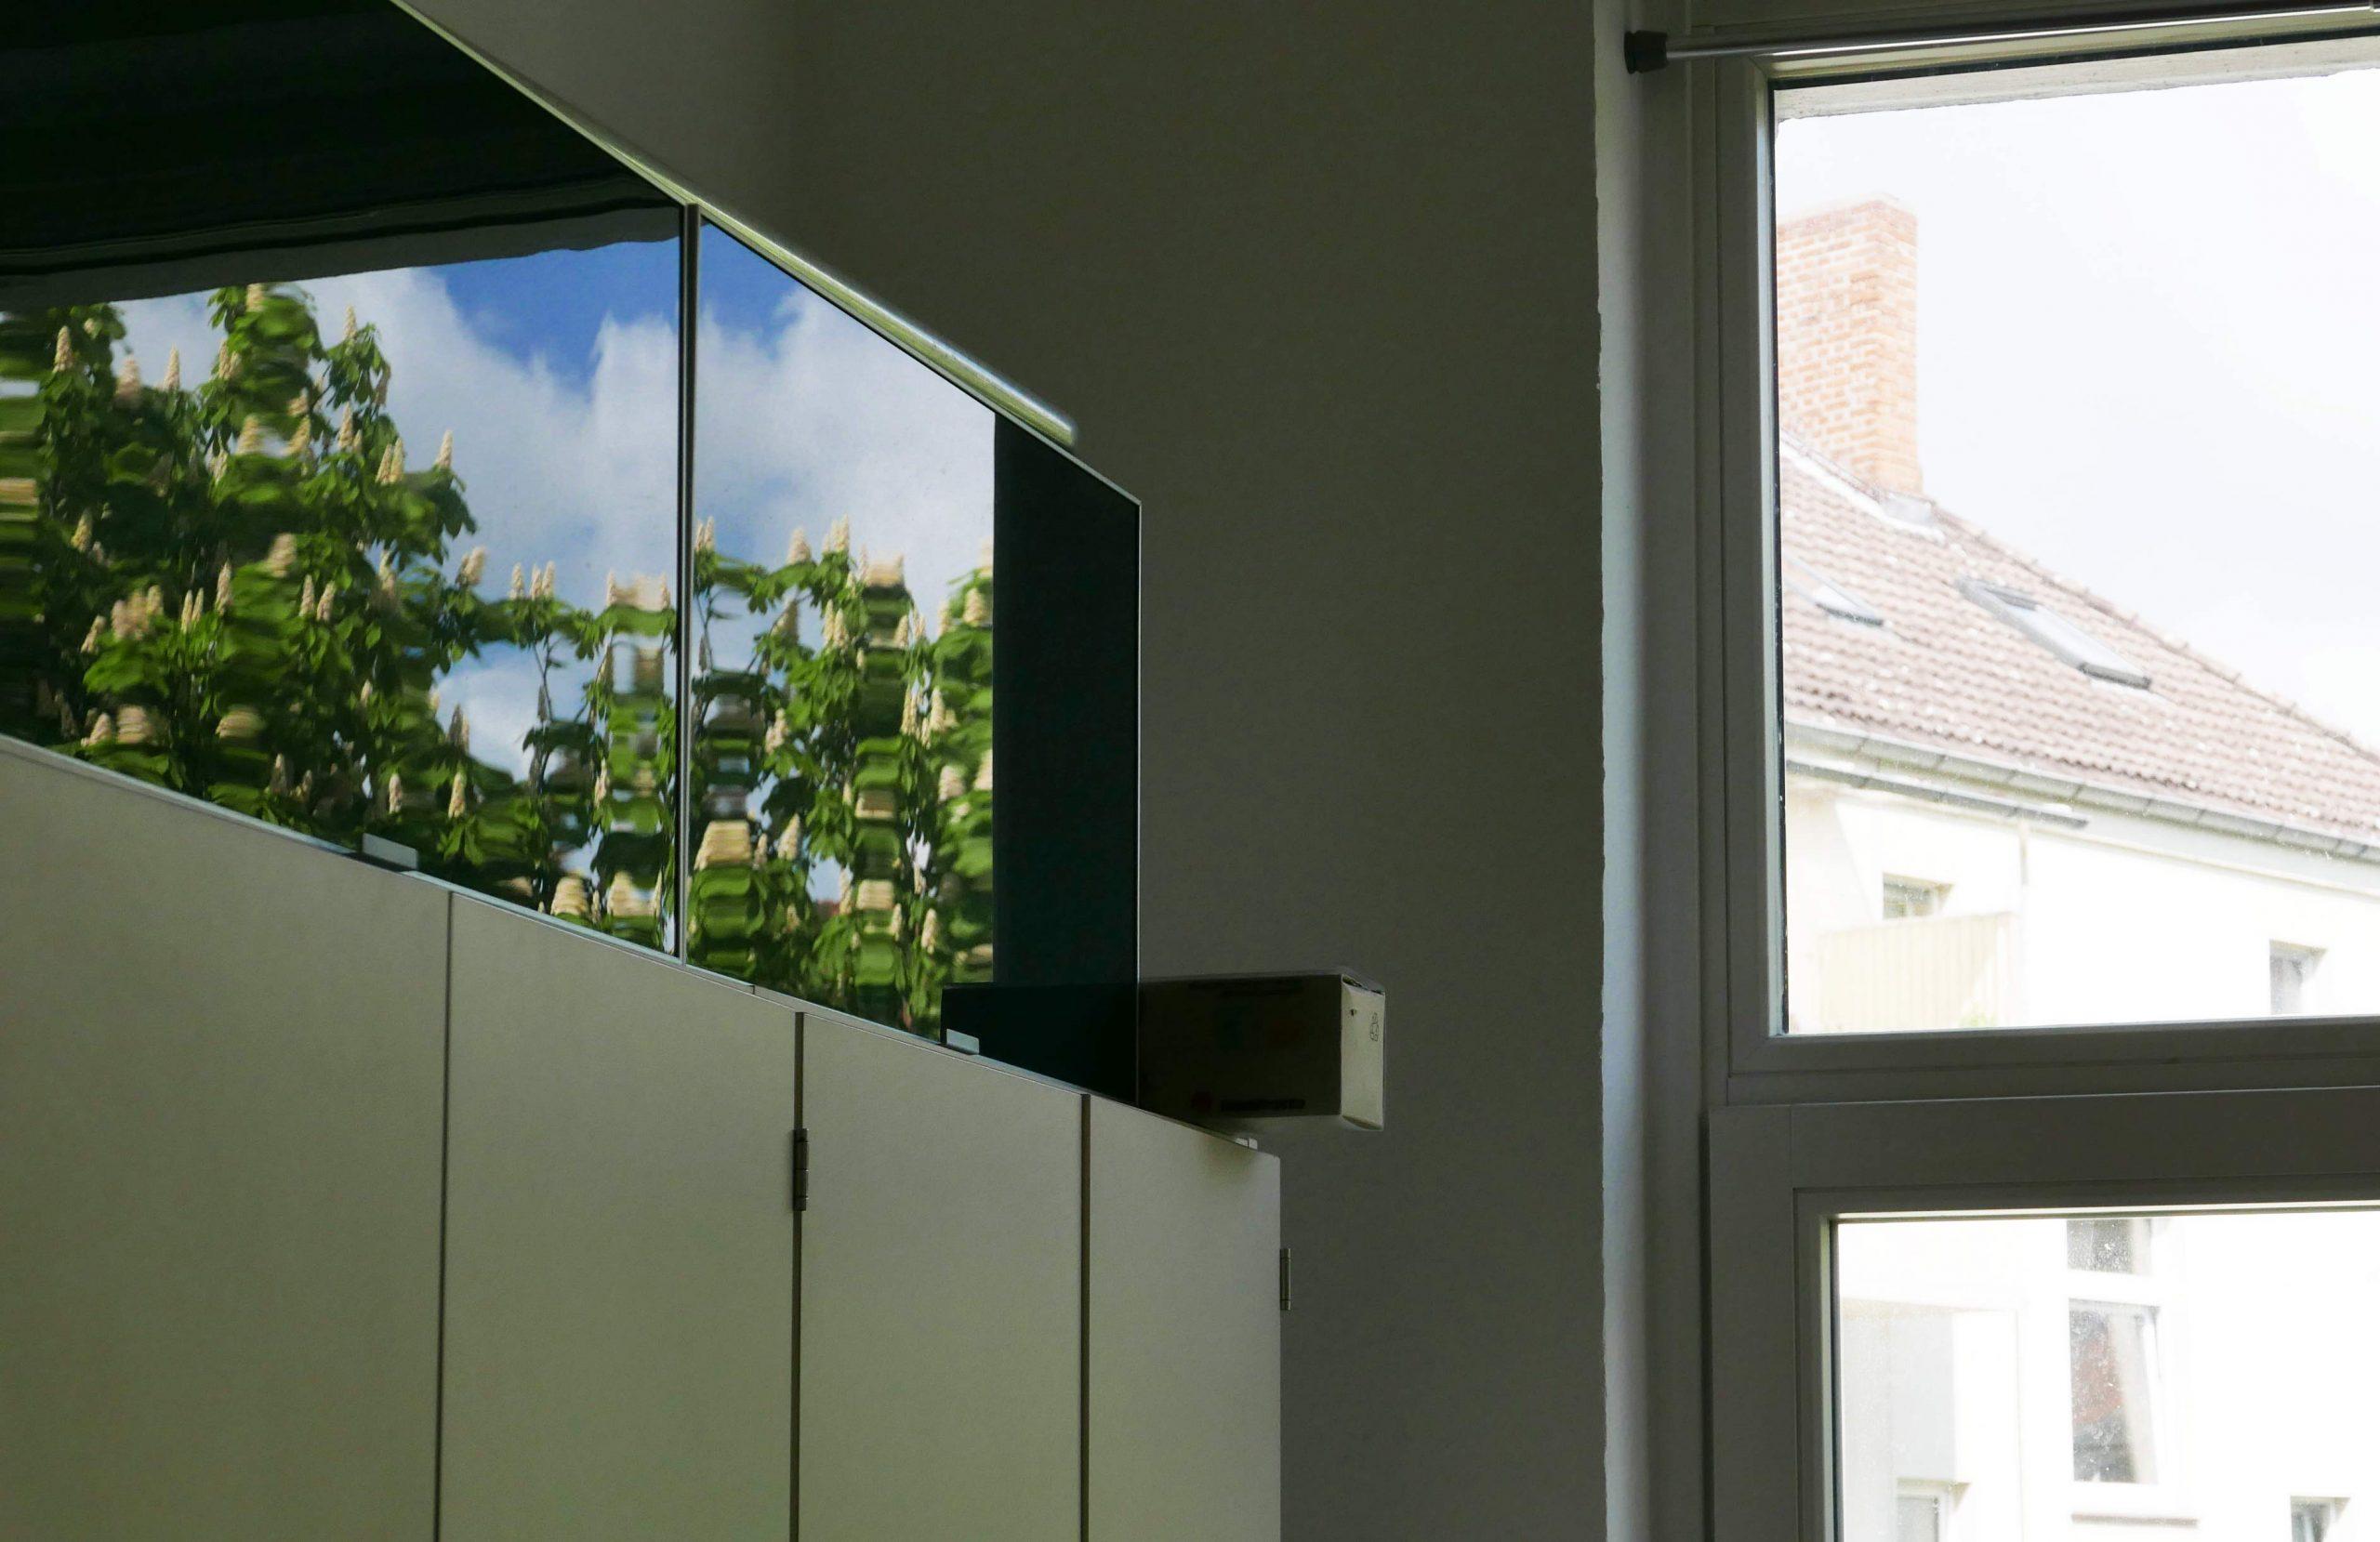 Spiegelung einer Kastanie in einer Schranktür aus Glas Slow Design Reflexionen